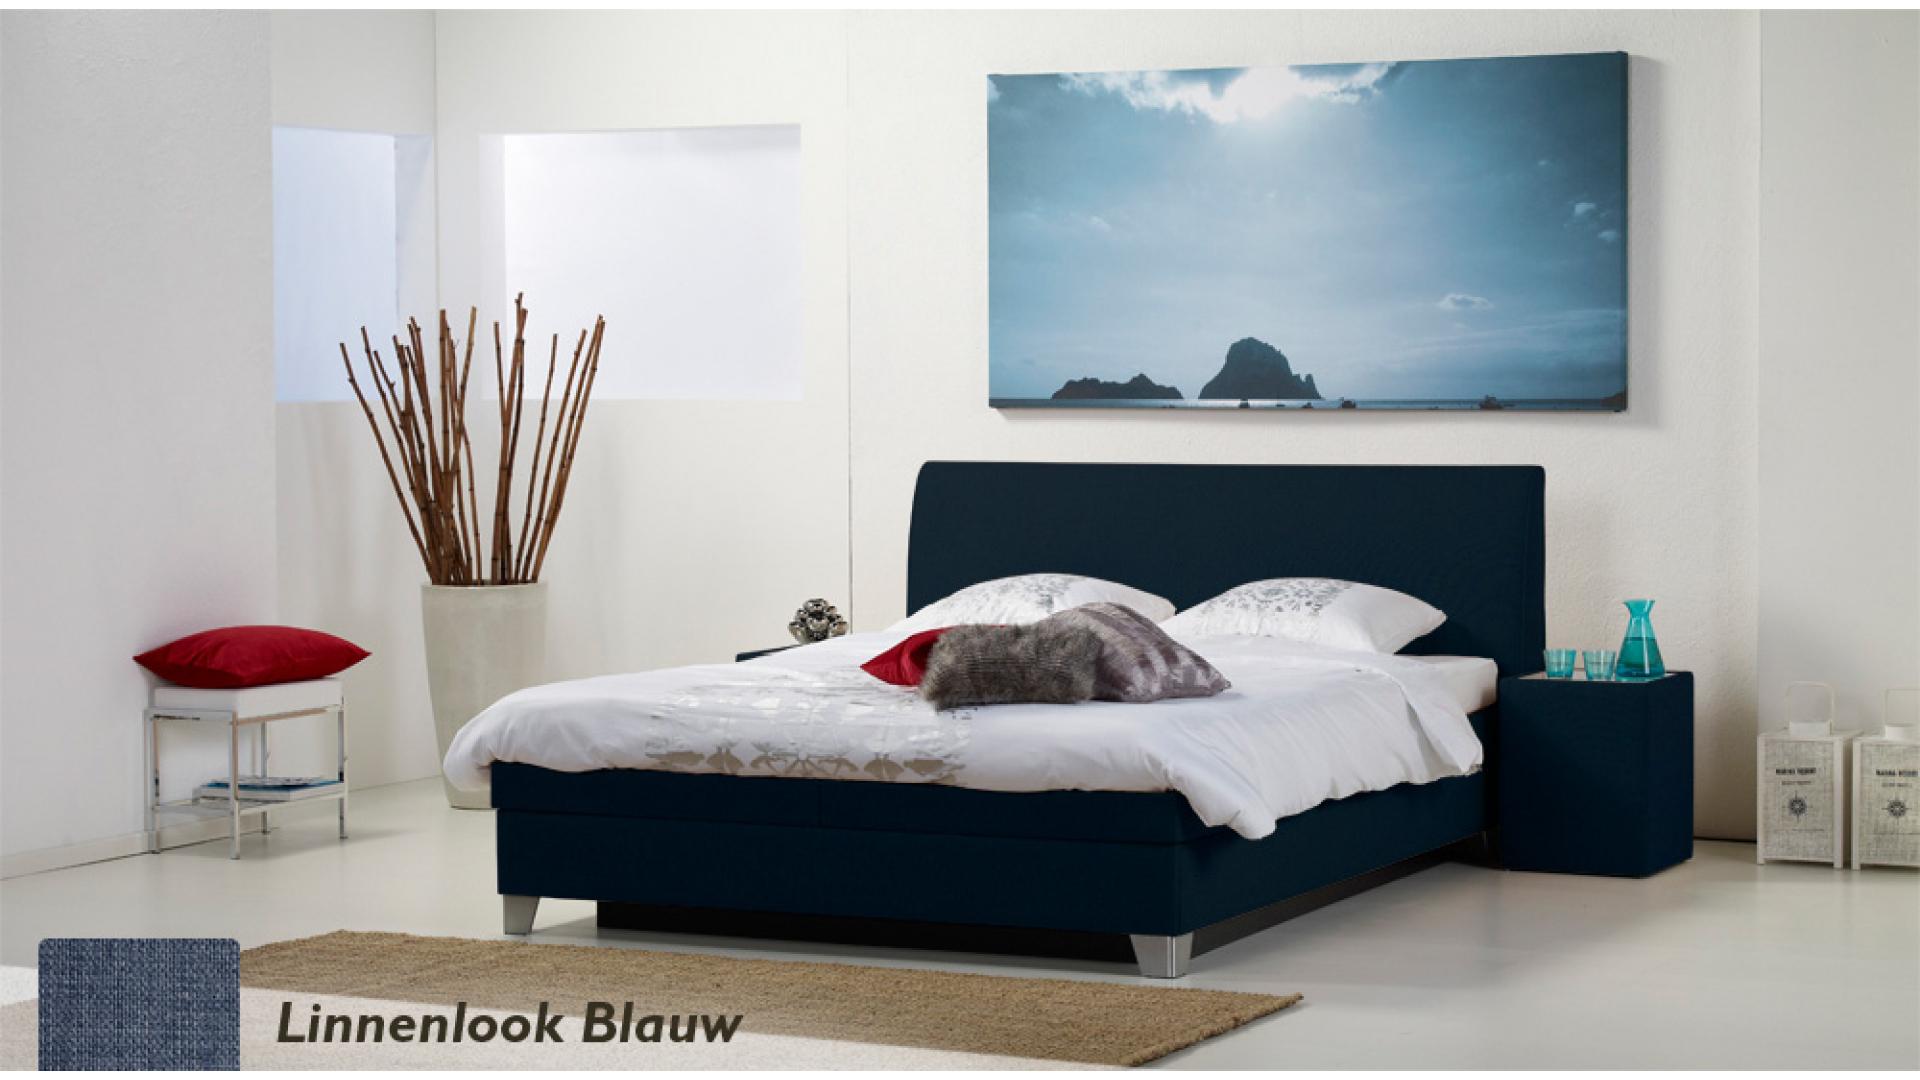 waterbed luxe box pro linnenlook blauw